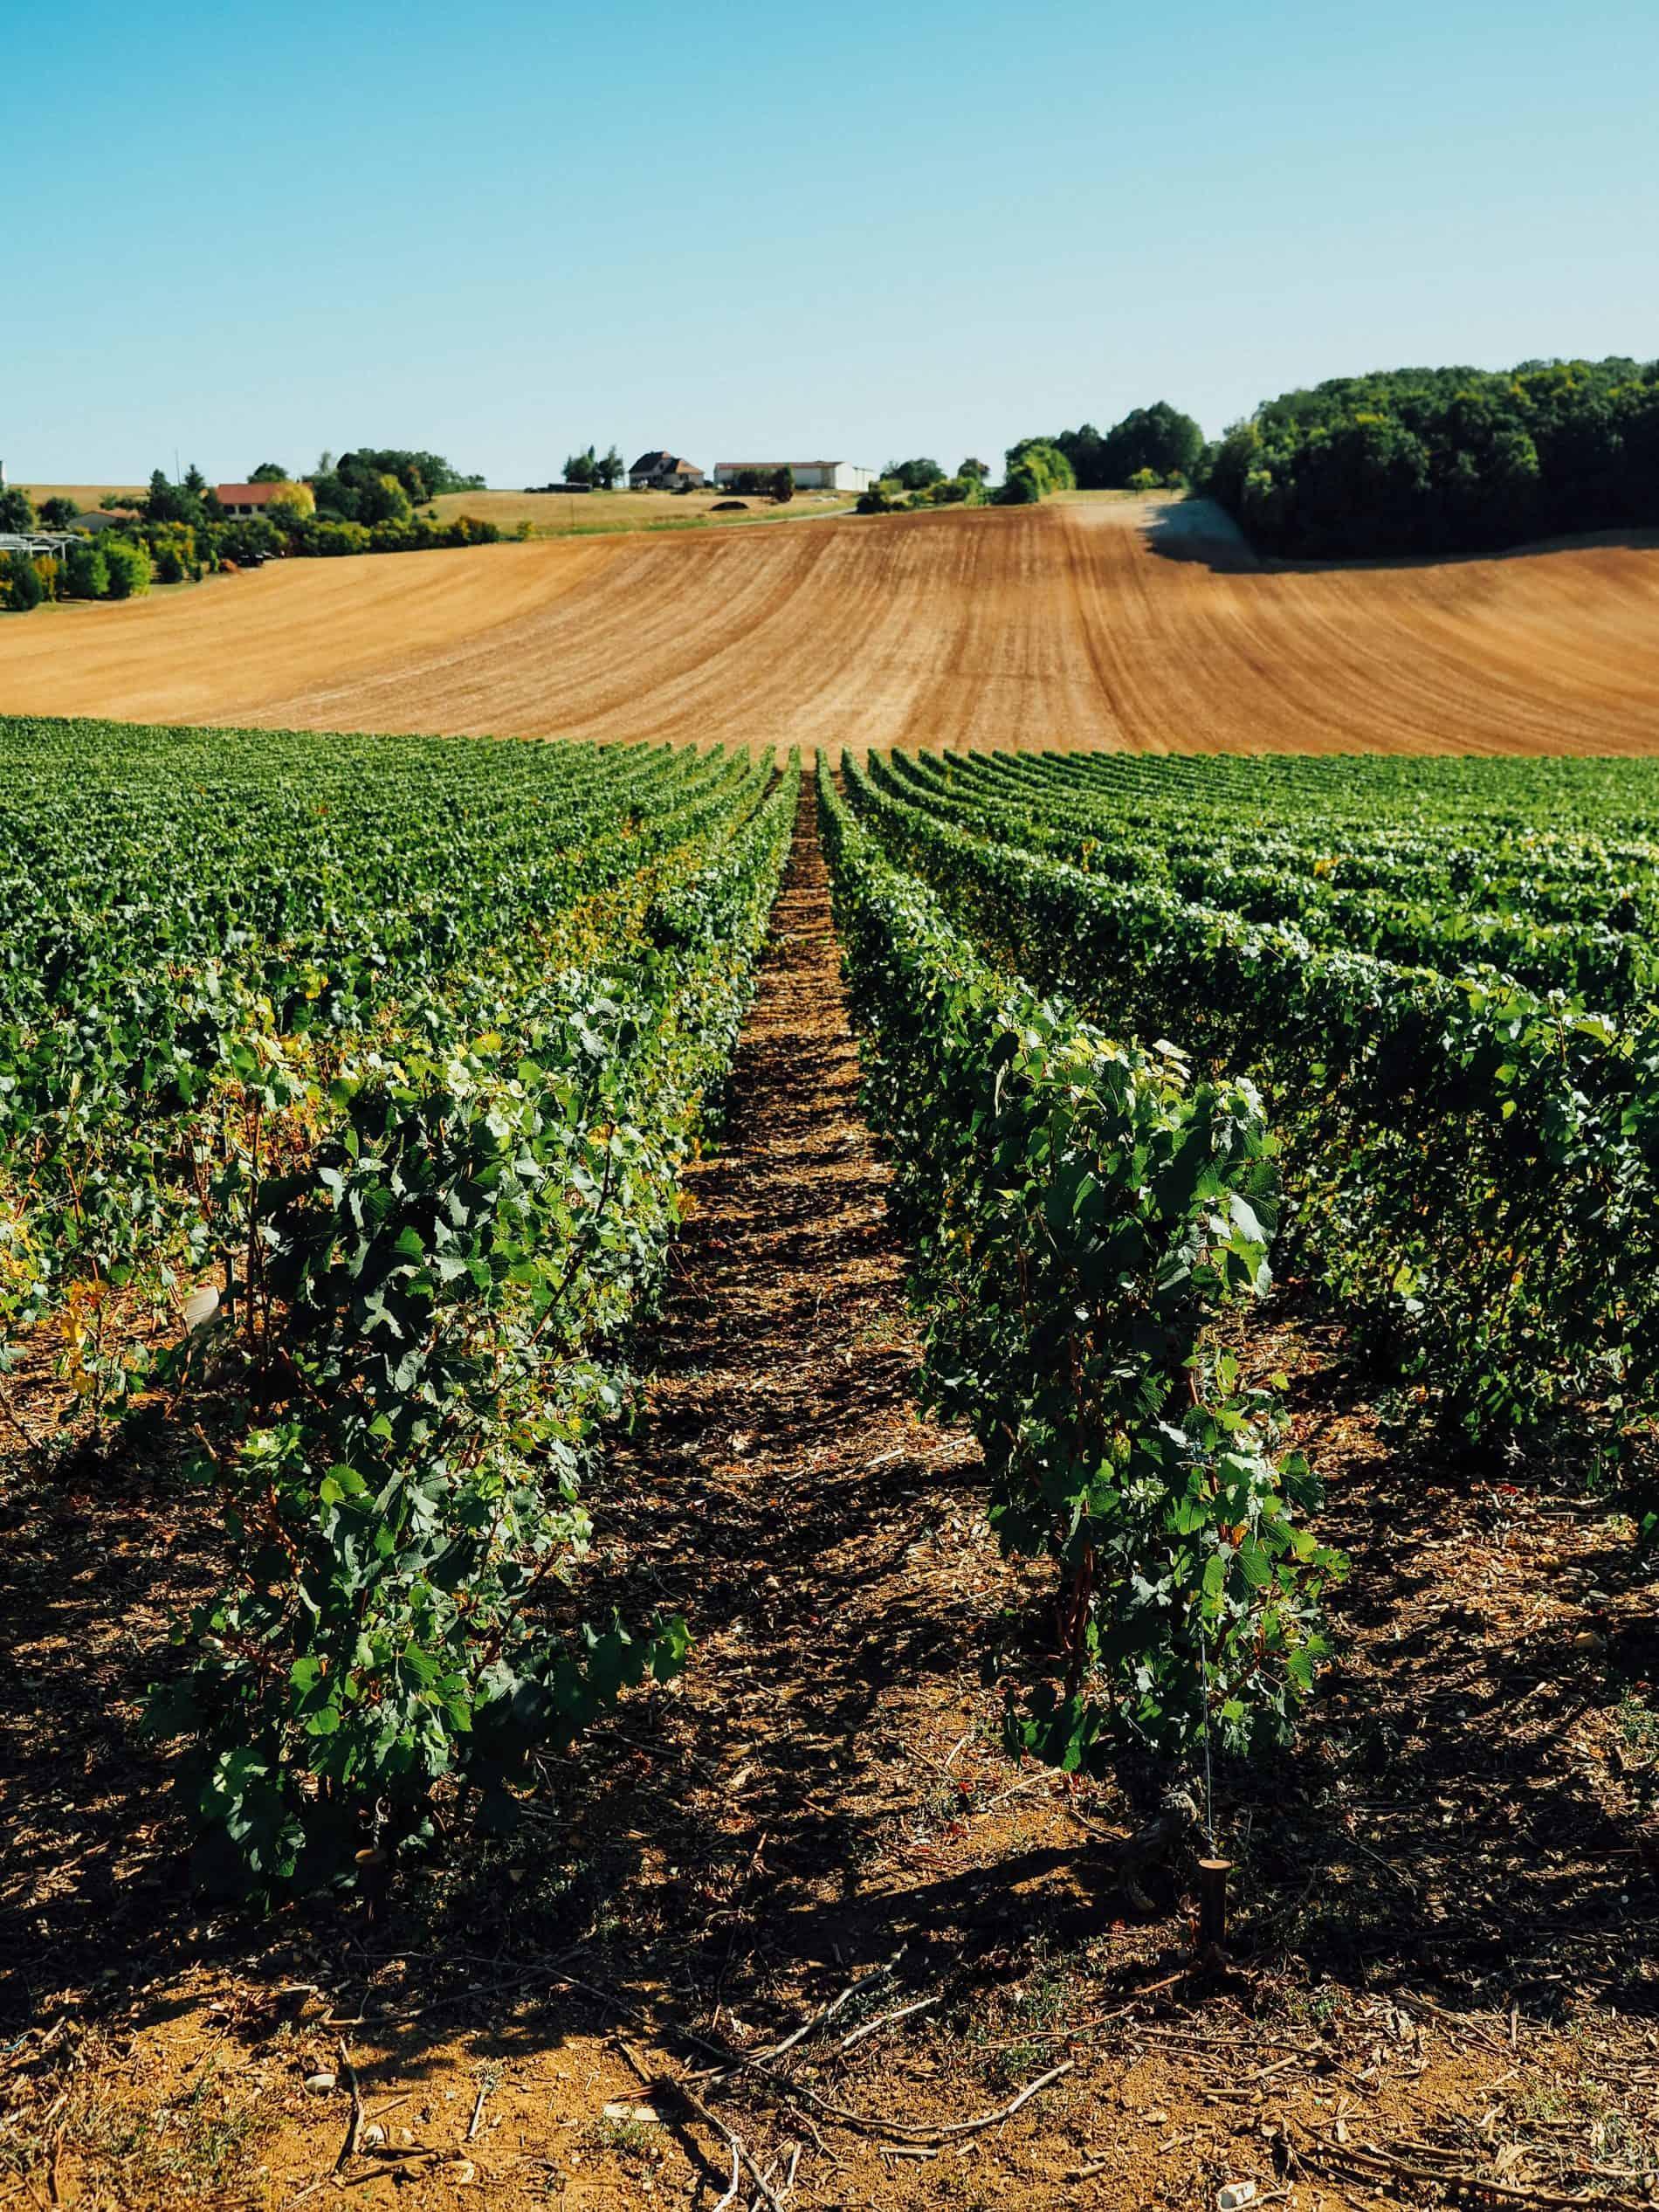 vignes week-end Troyes blog lili in wonderland